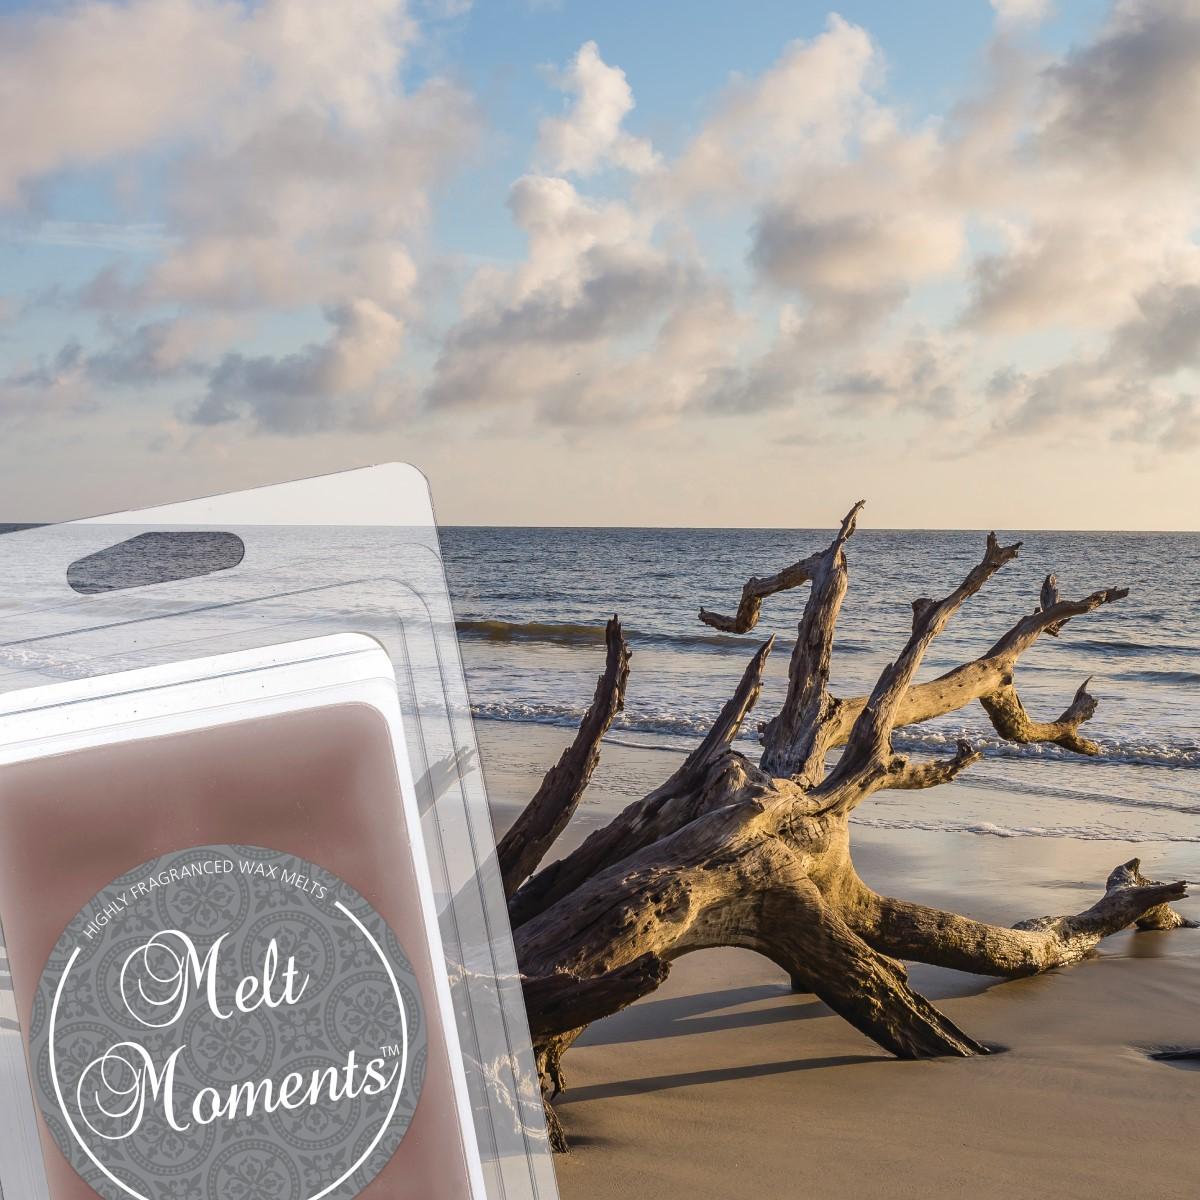 Beachwood Mist Melts